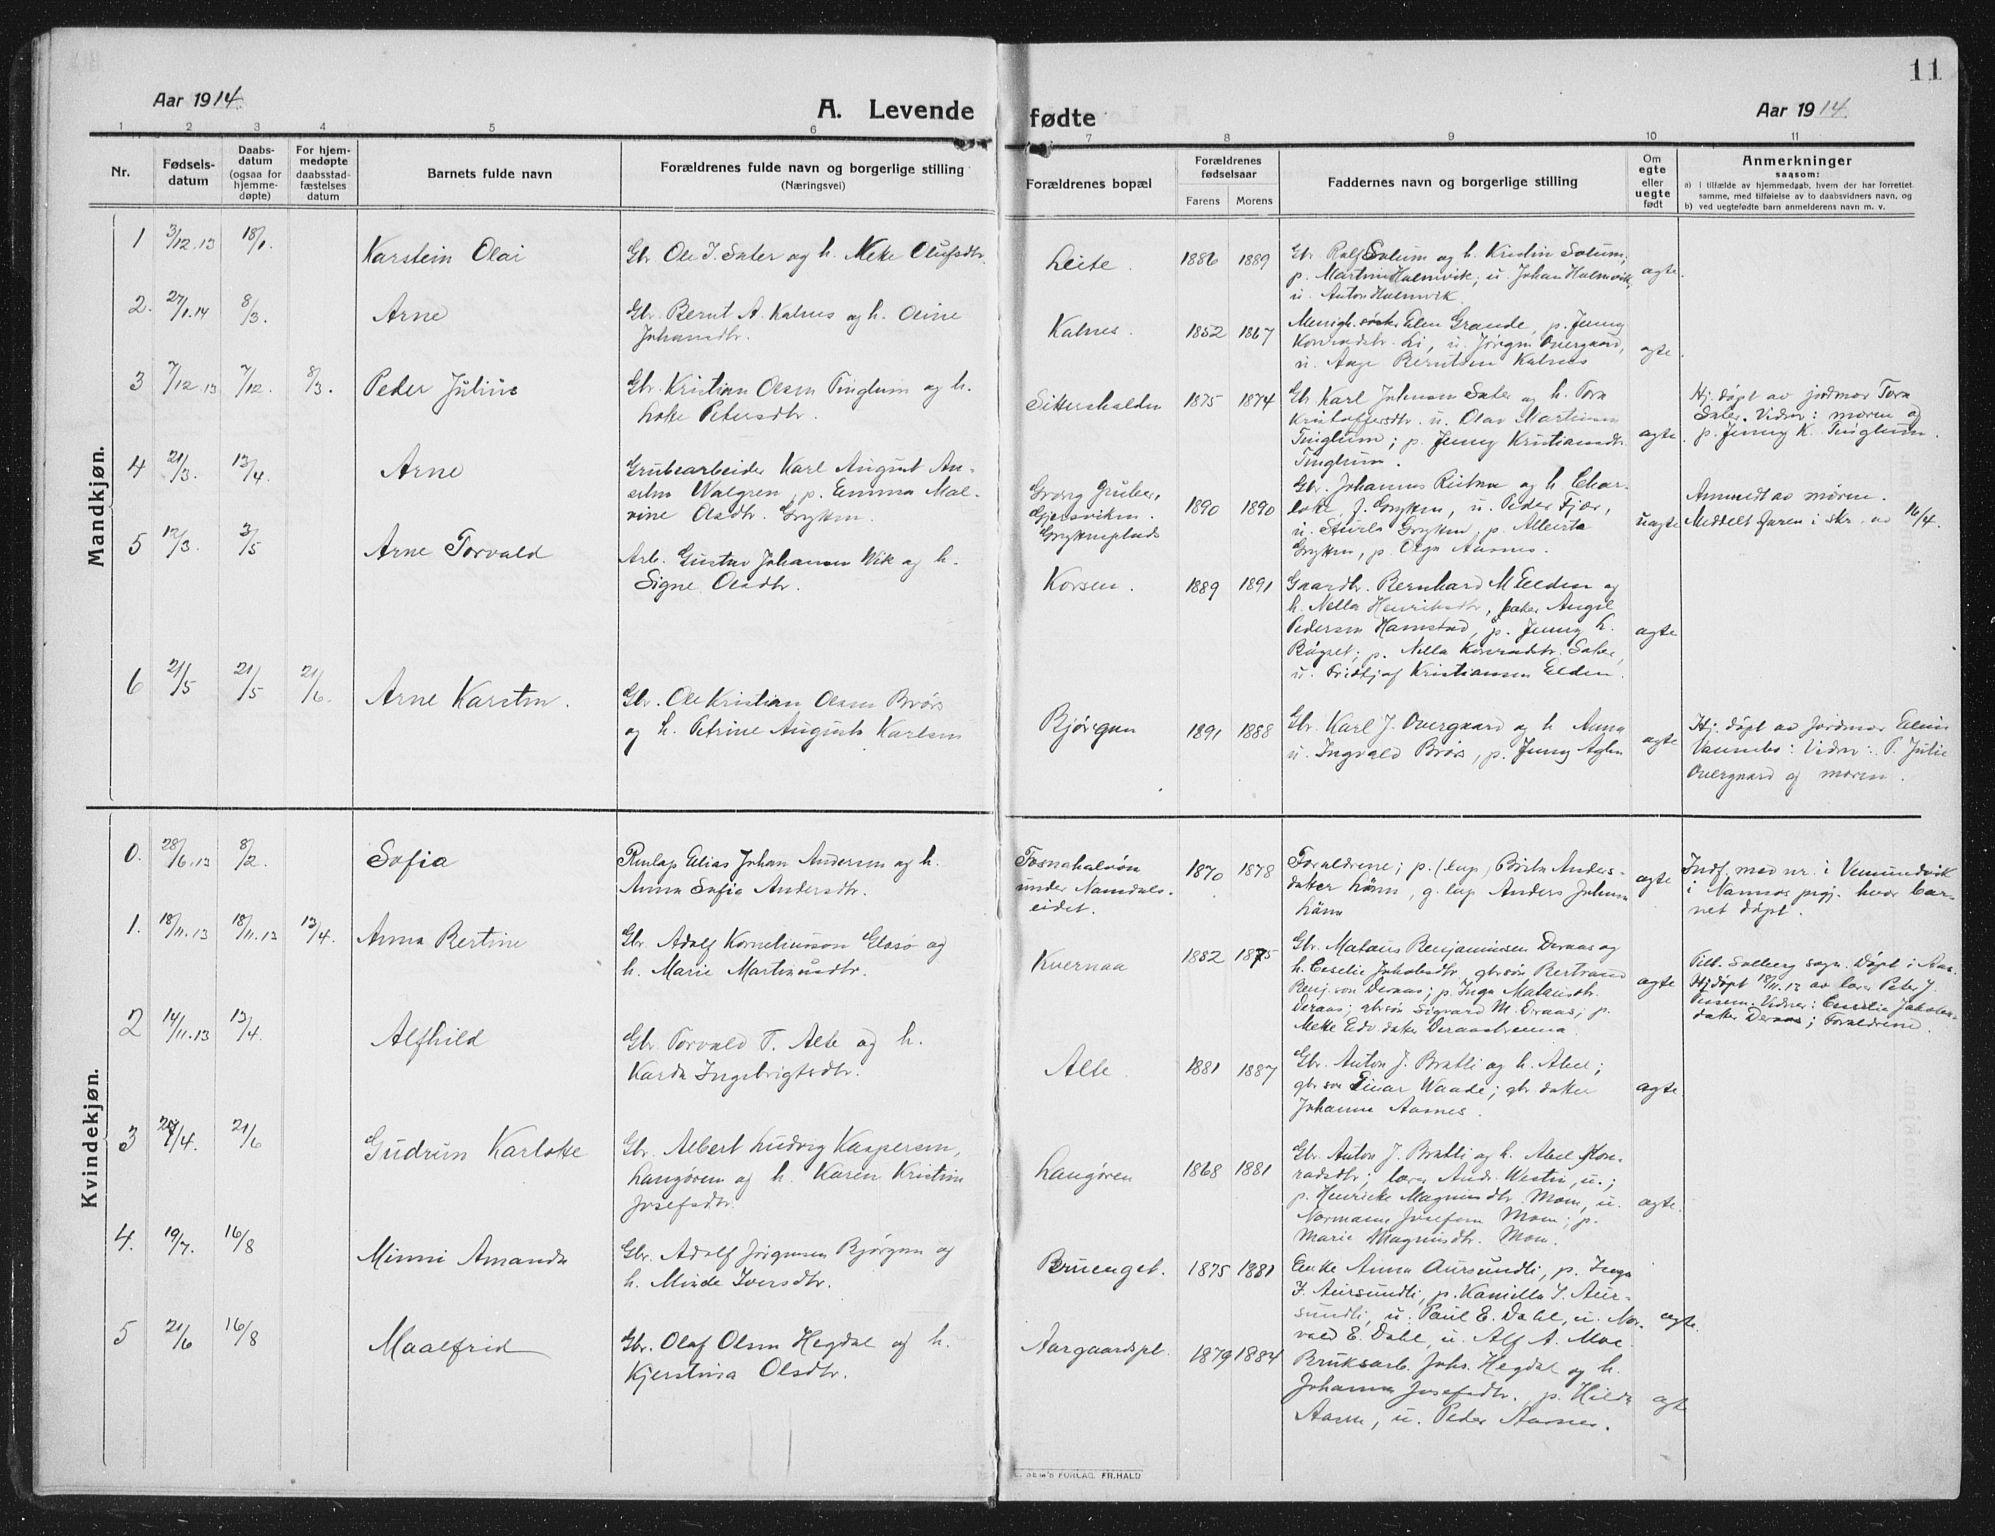 SAT, Ministerialprotokoller, klokkerbøker og fødselsregistre - Nord-Trøndelag, 742/L0413: Klokkerbok nr. 742C04, 1911-1938, s. 11